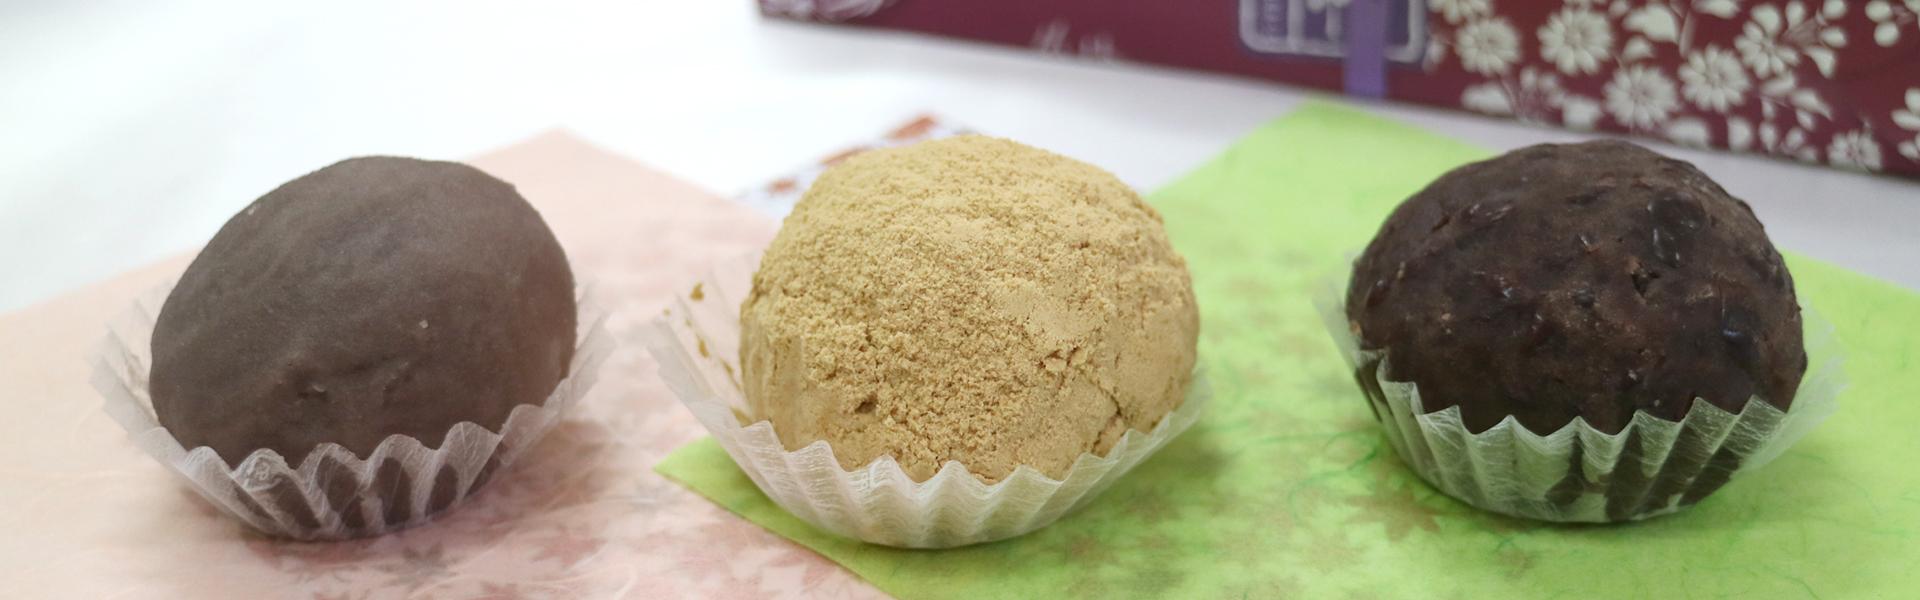 大分県別府市にある和菓子屋「茶郎本舗」